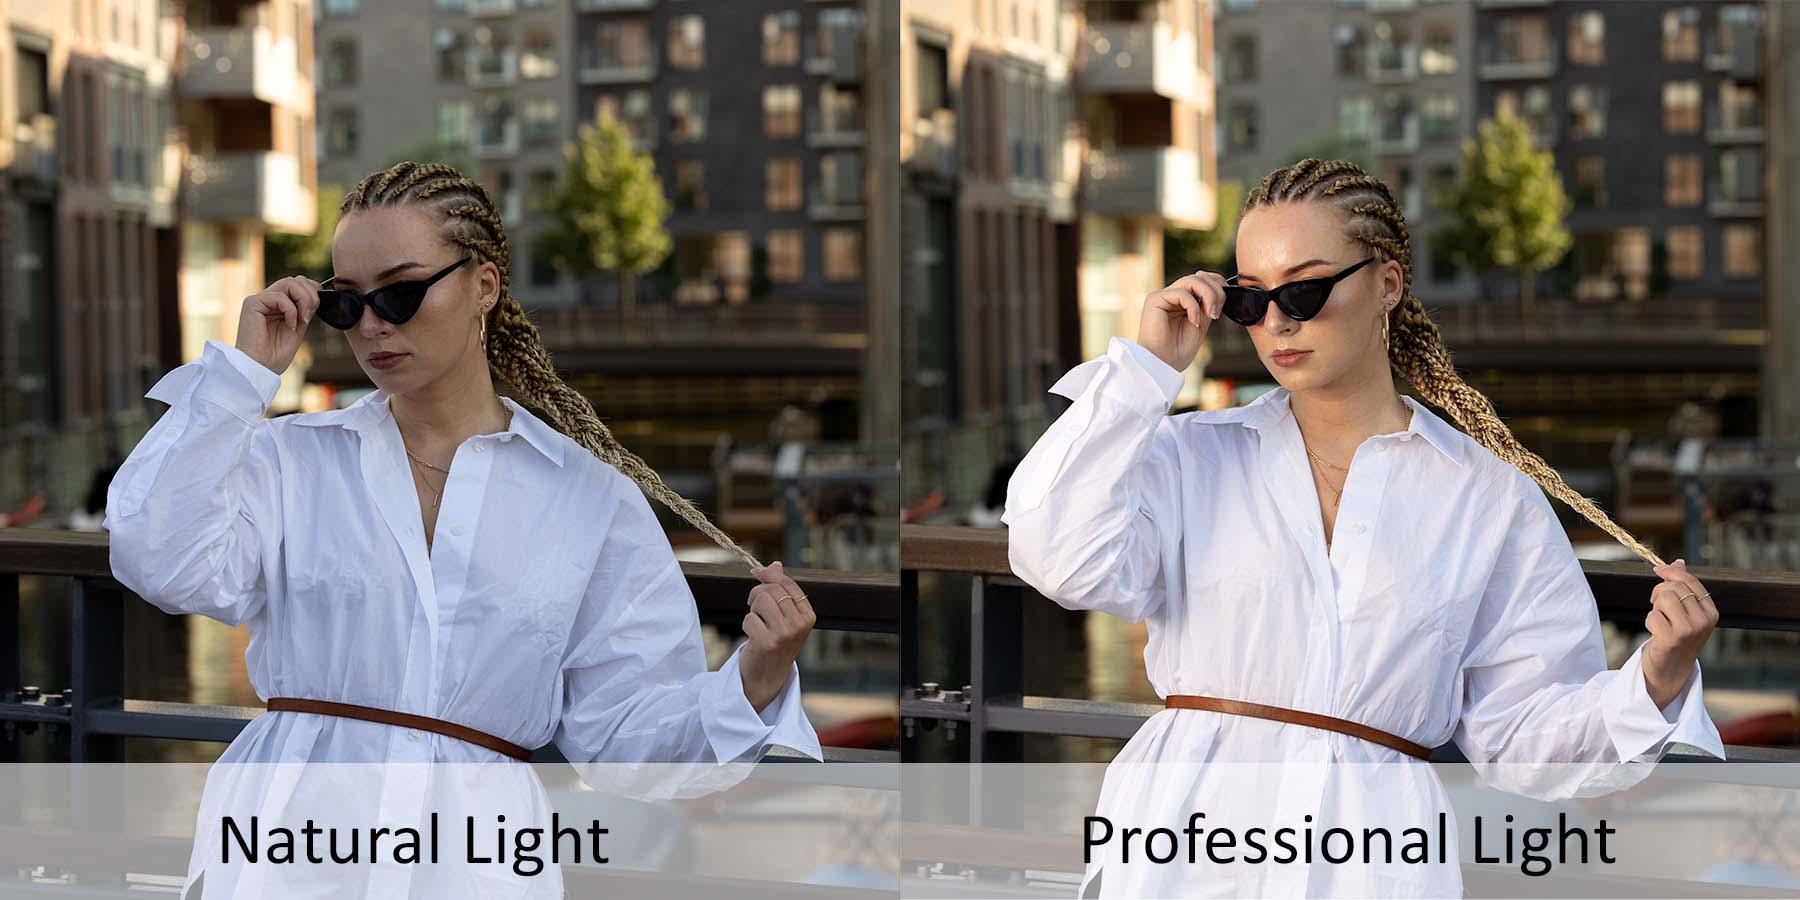 Natural light versus professionel light